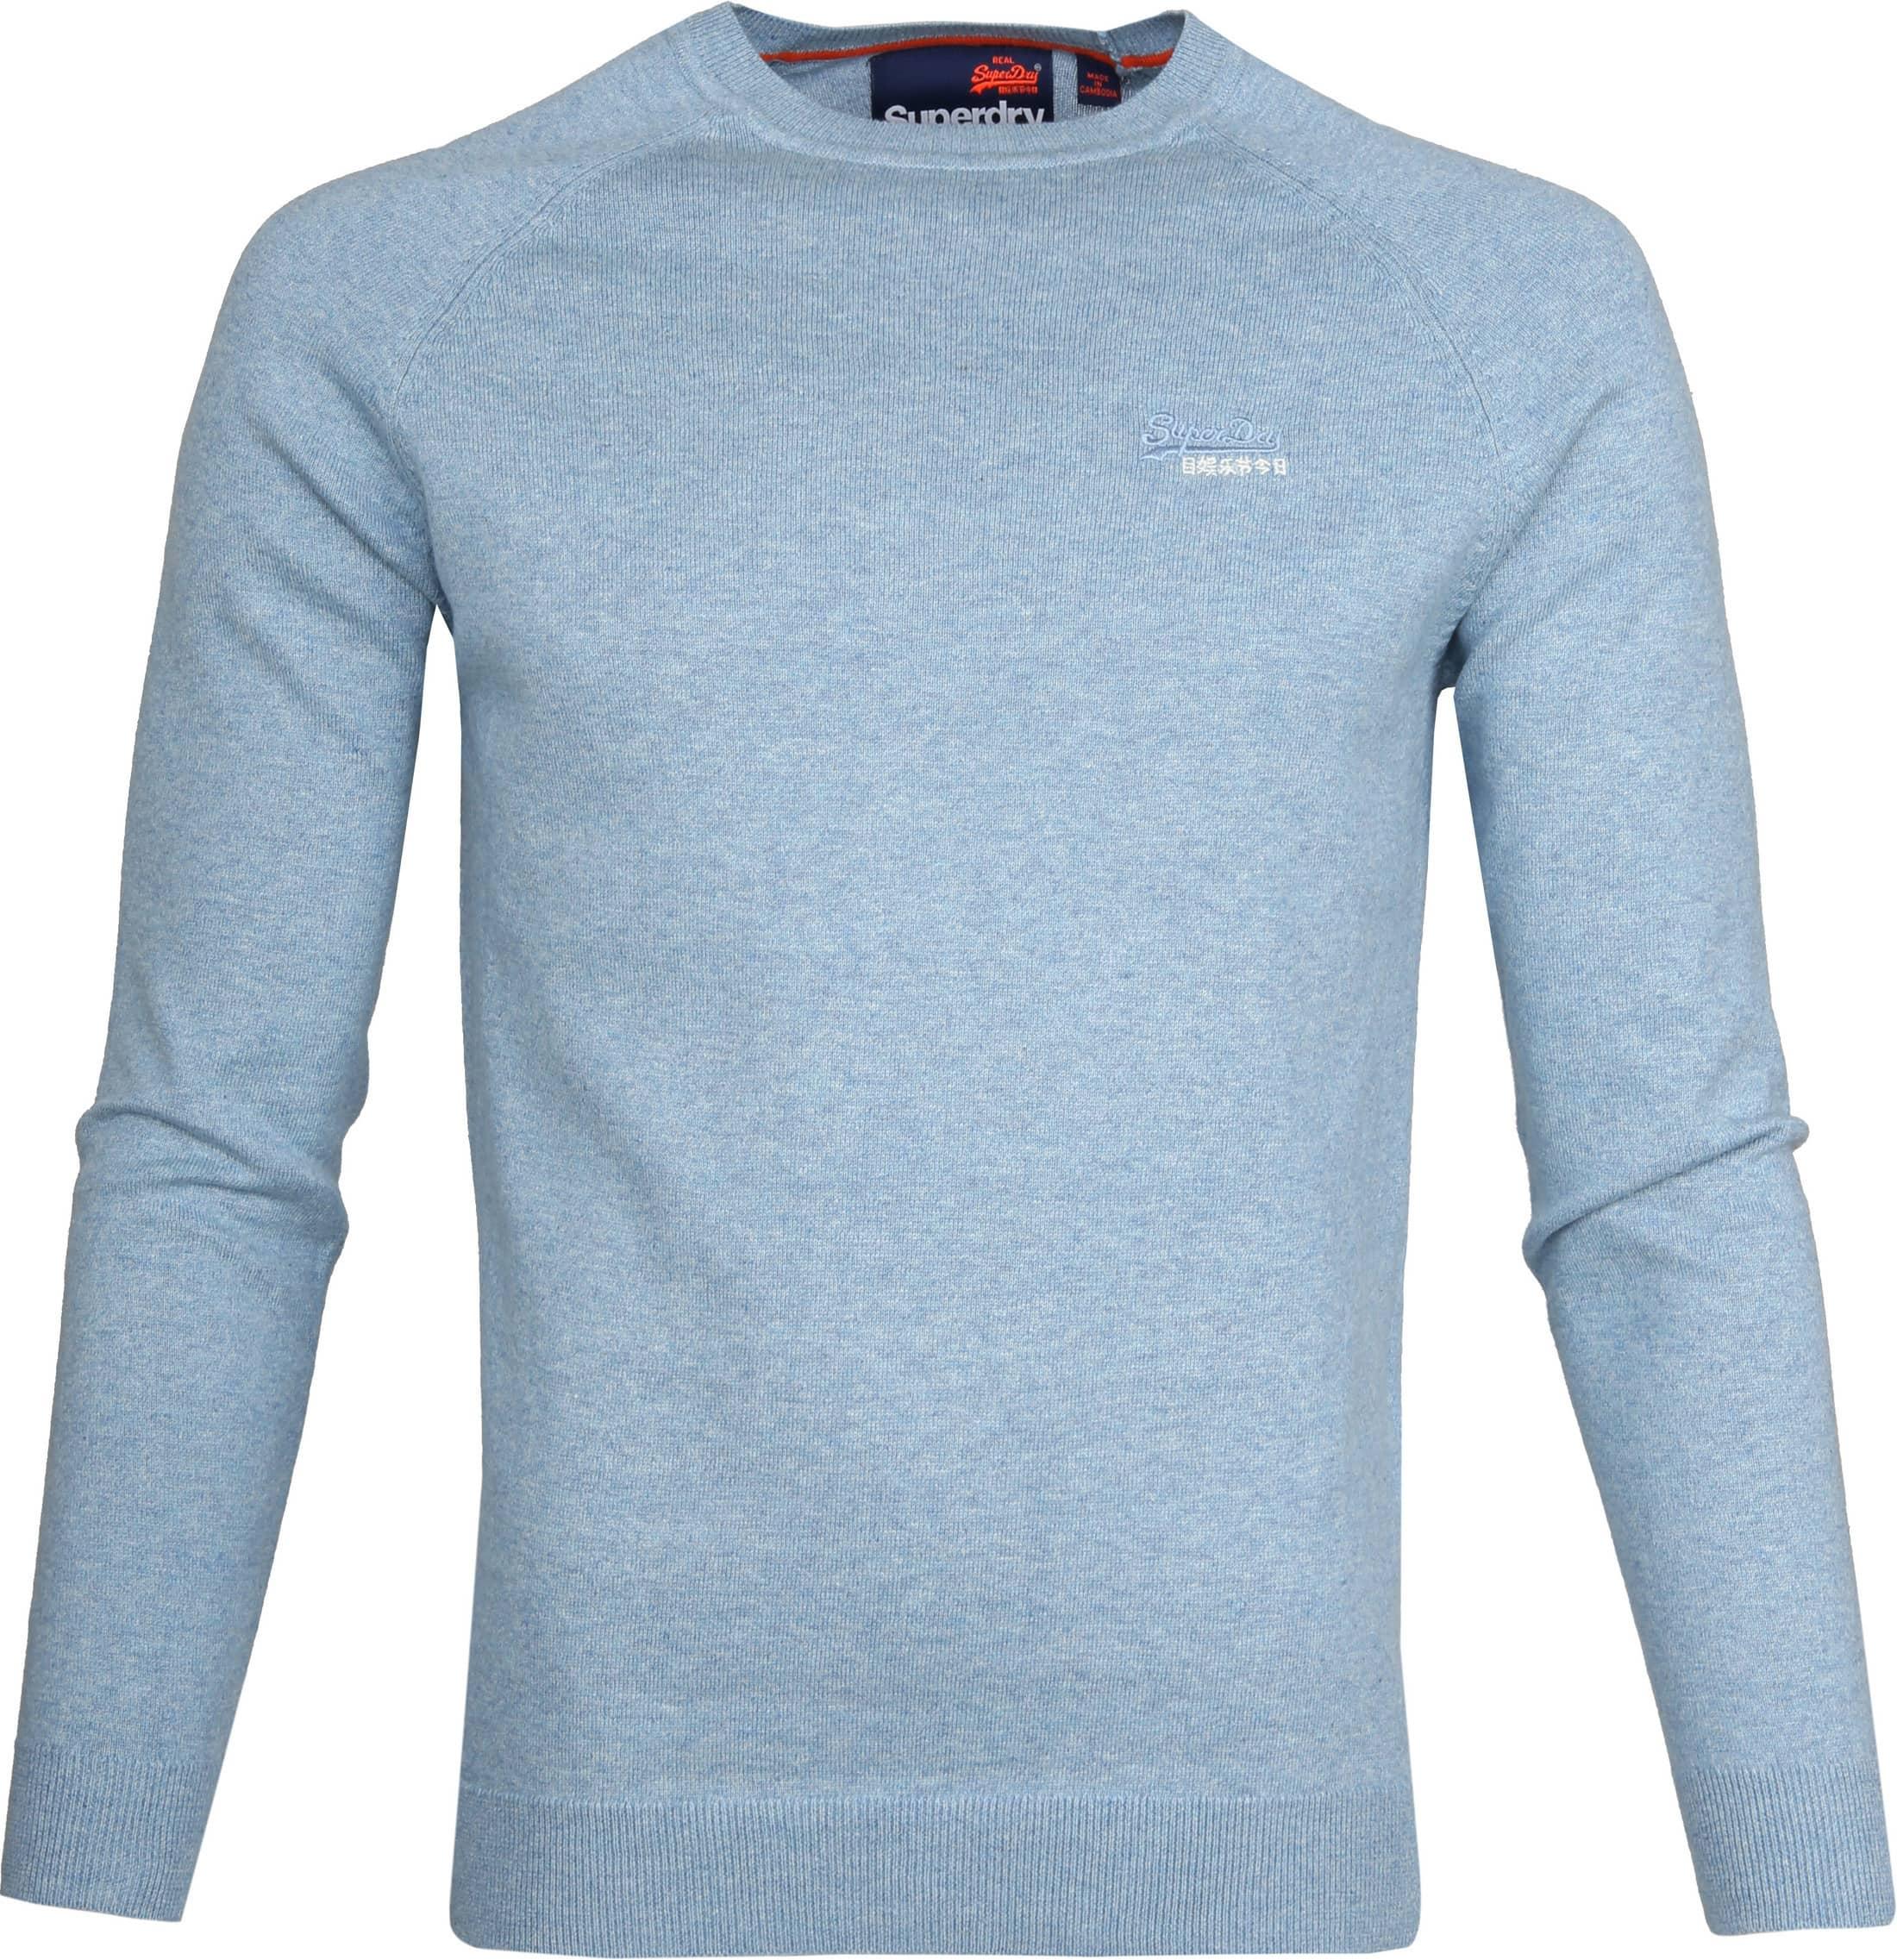 Superdry Pullover Melange Lichtblauw foto 0